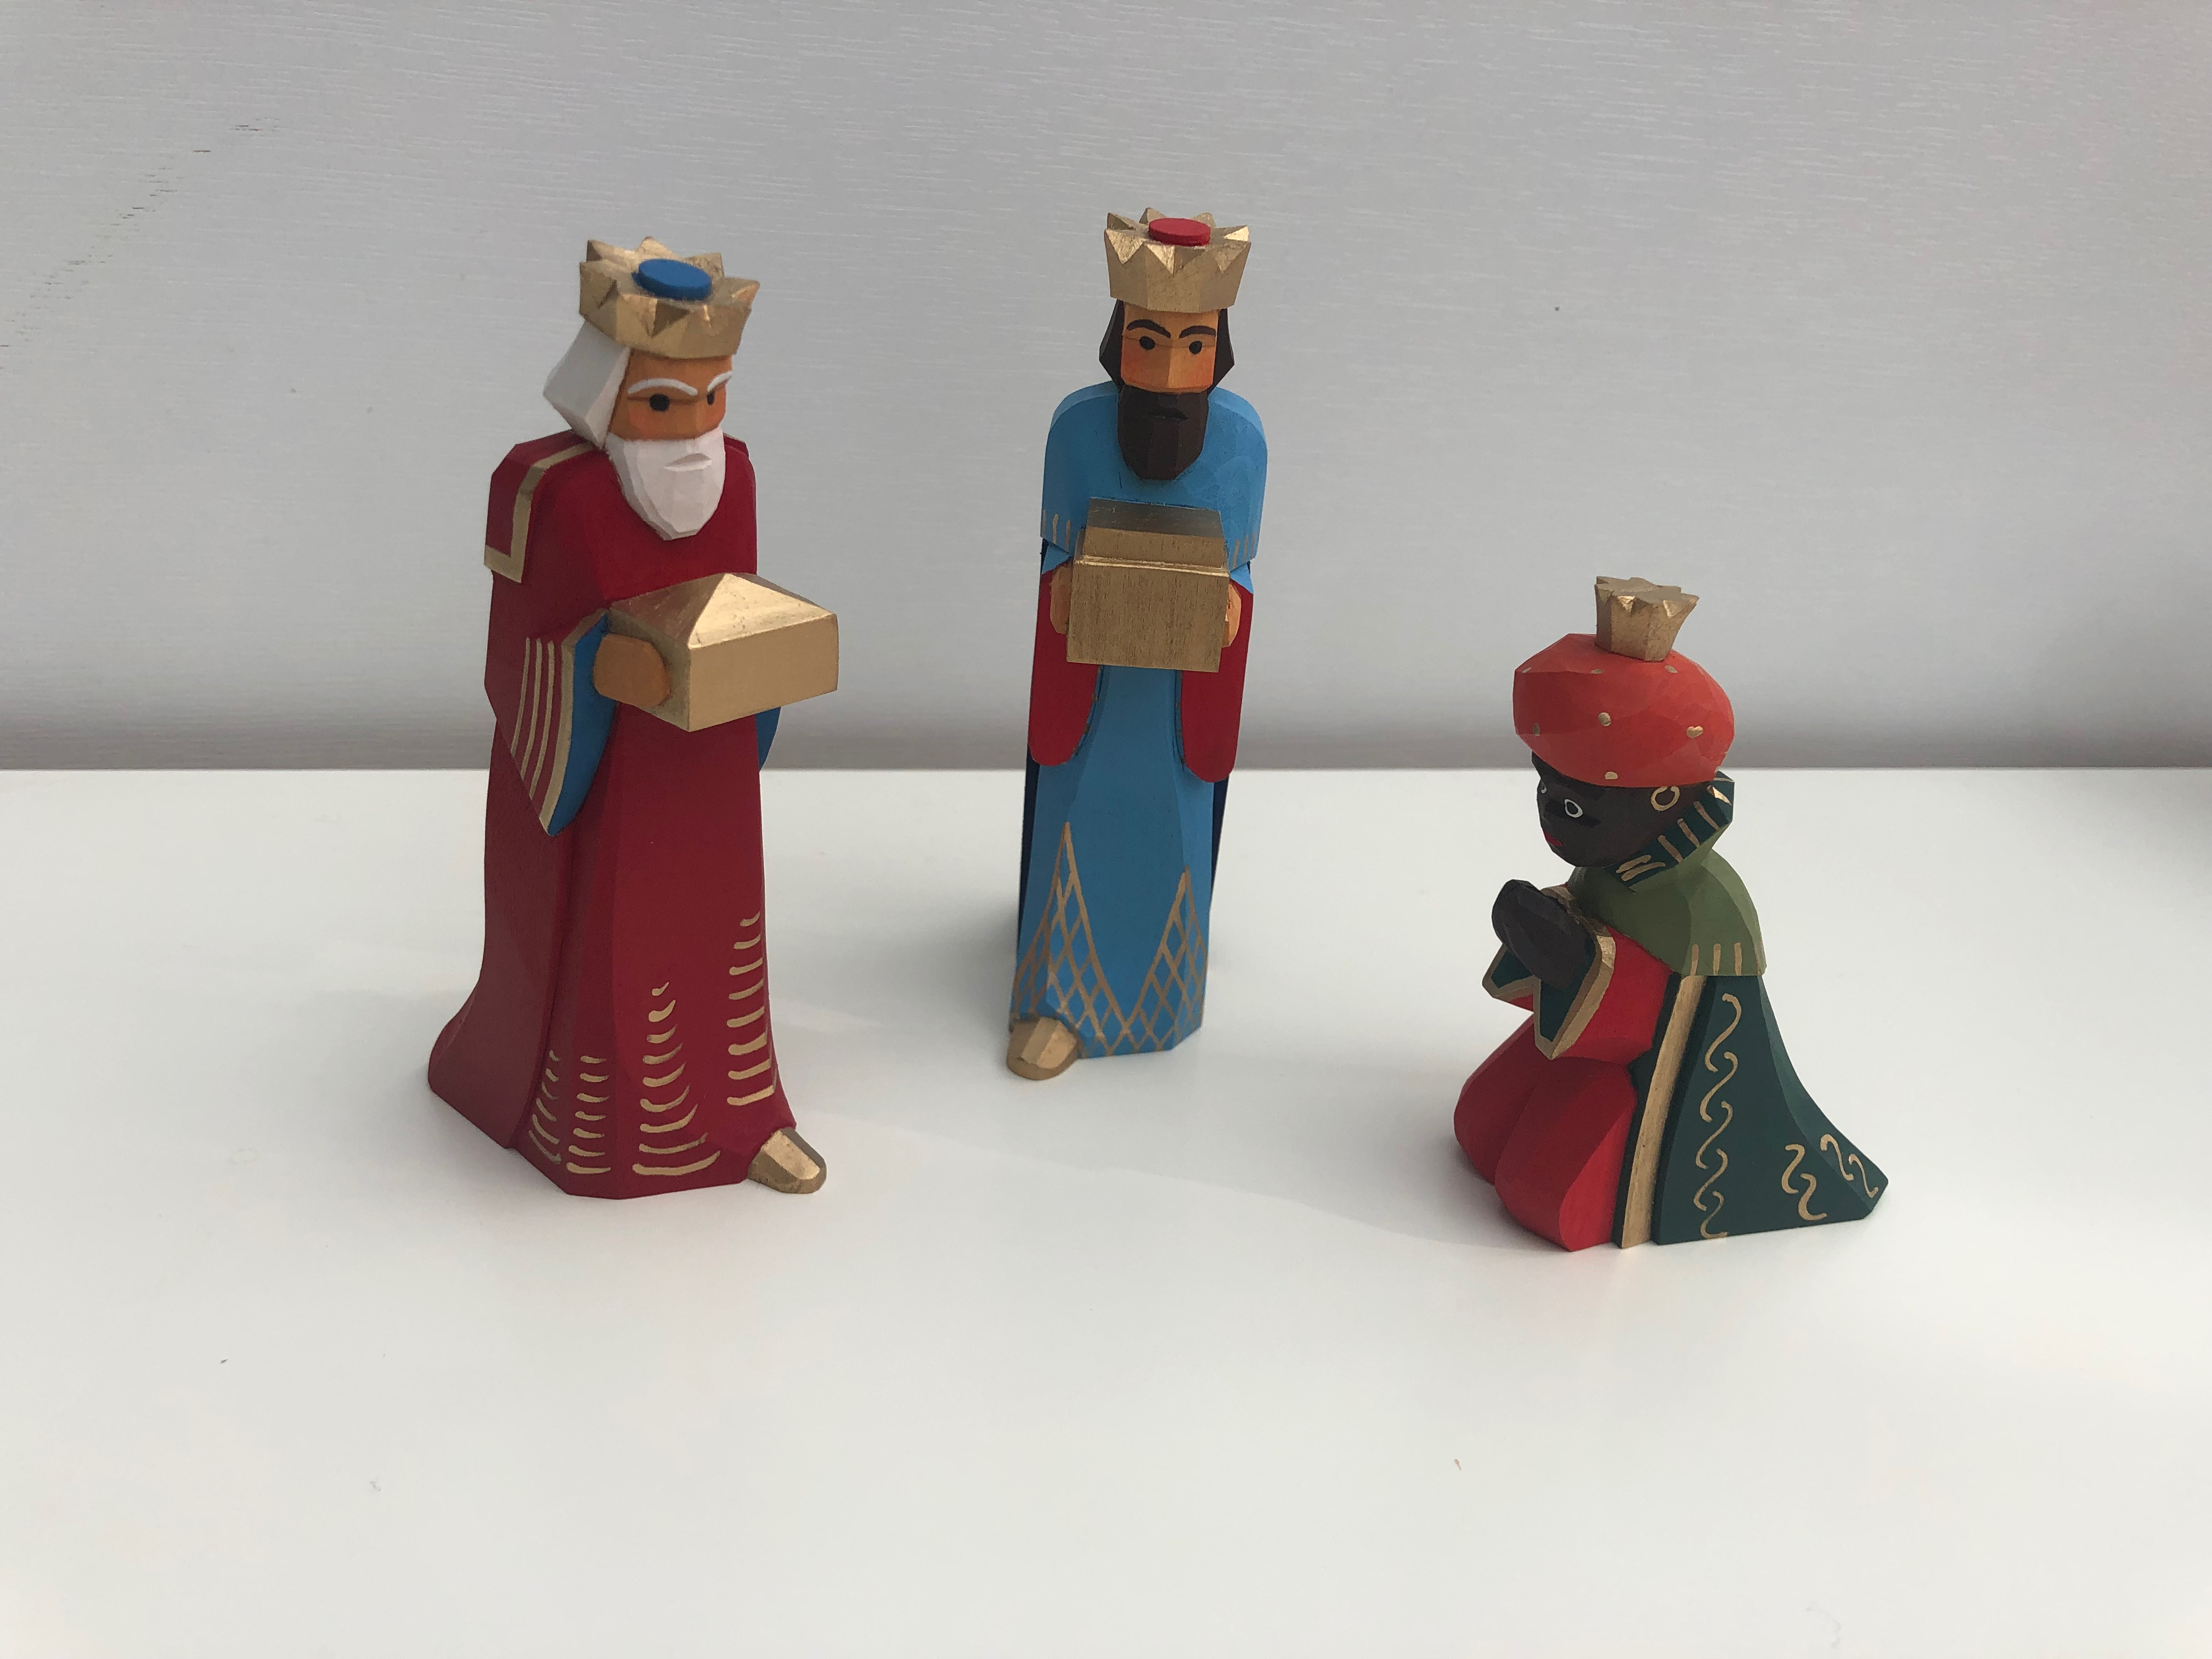 Sievers-Hahn Krippenfiguren Set mit den Heiligen Drei Königen